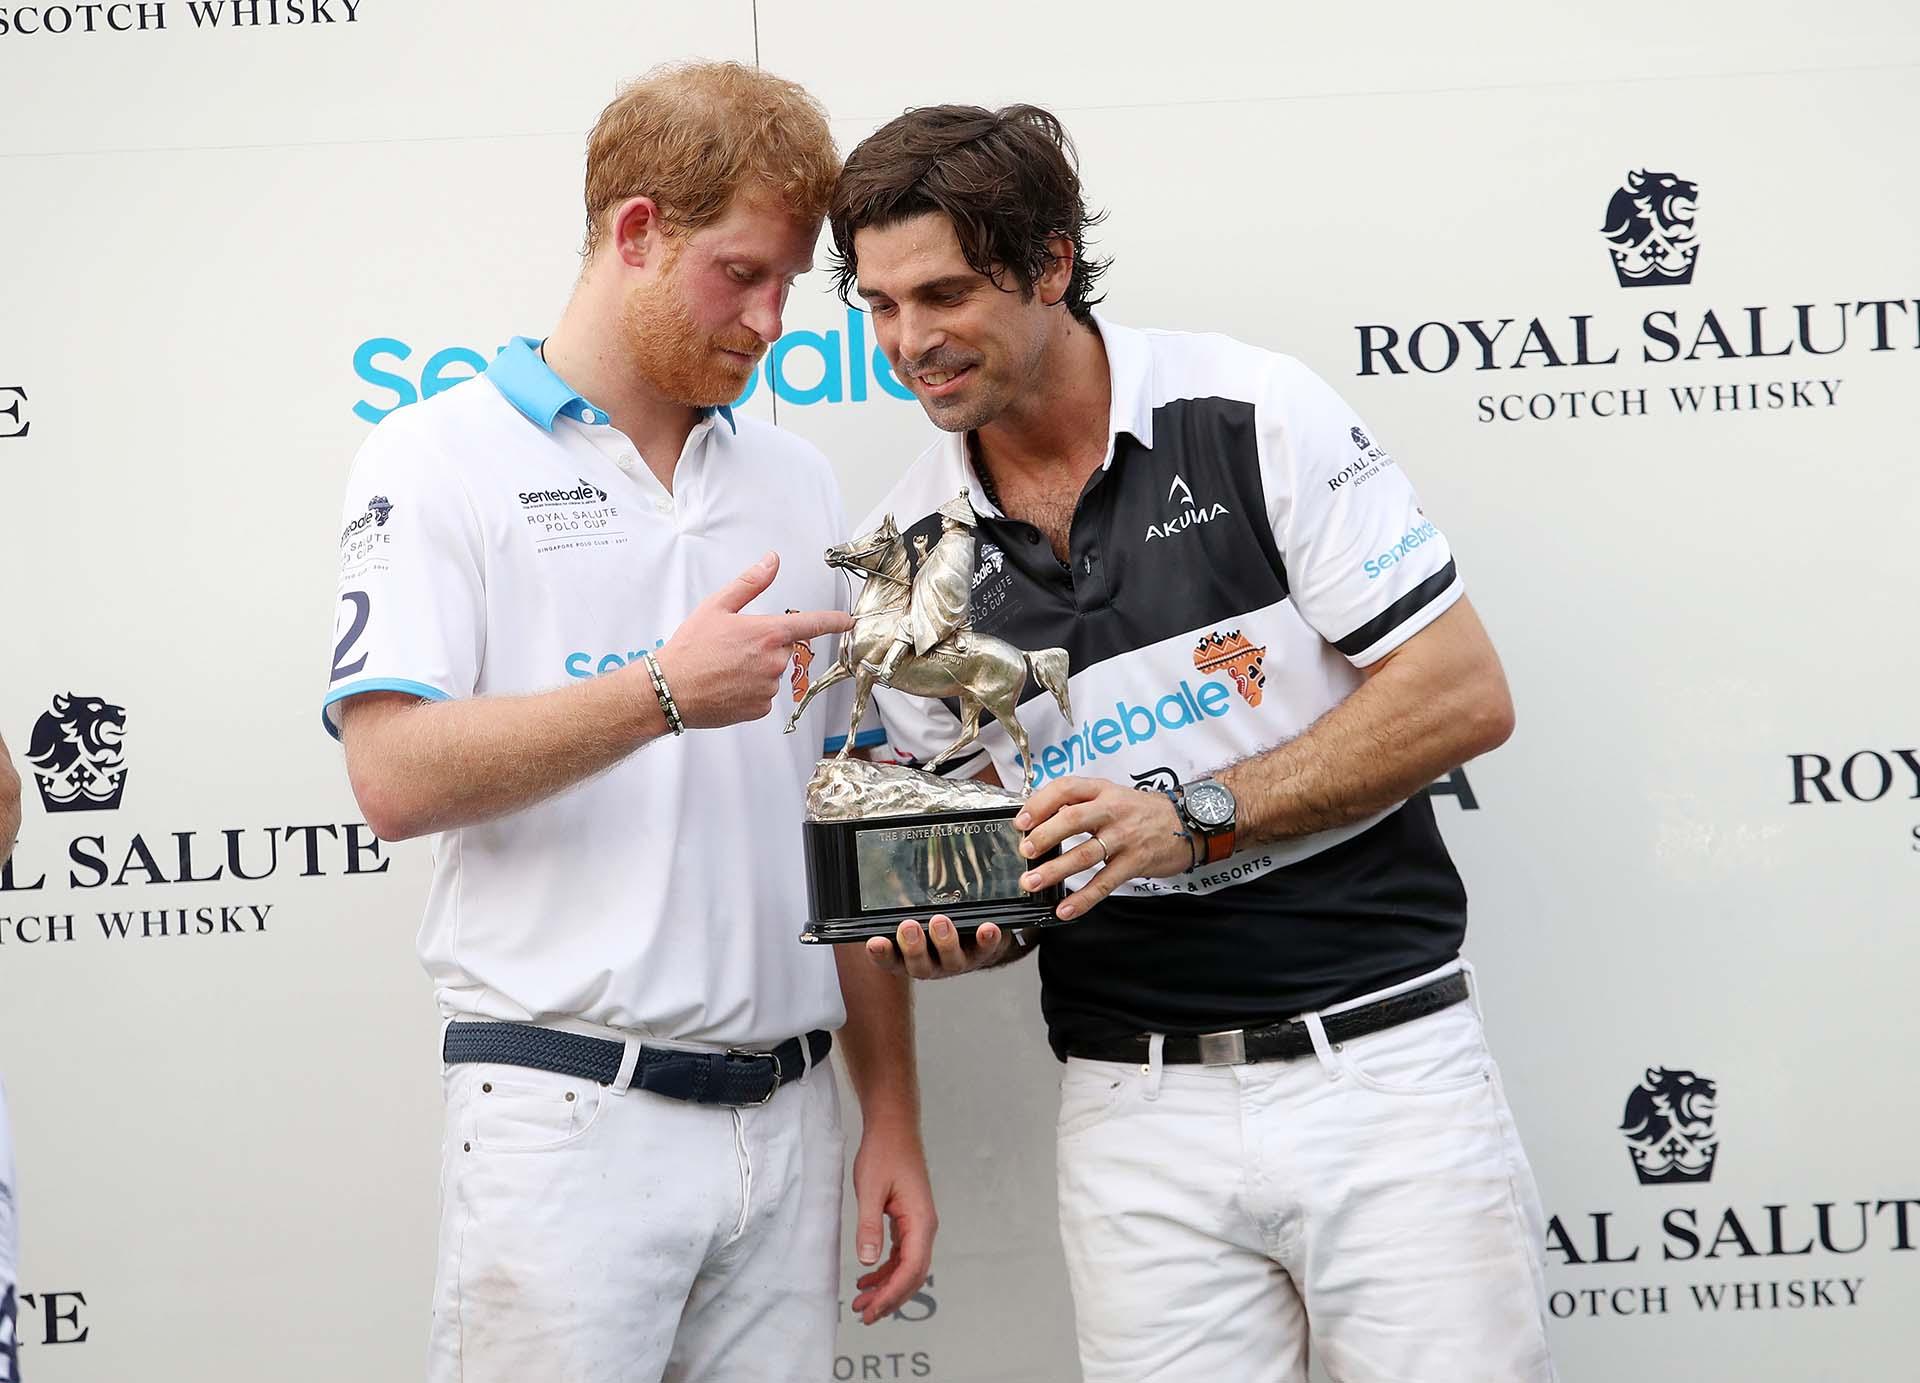 Harry y Nacho pasaron una divertida tarde solidaria practicando el deporte favorito de ambos: el polo